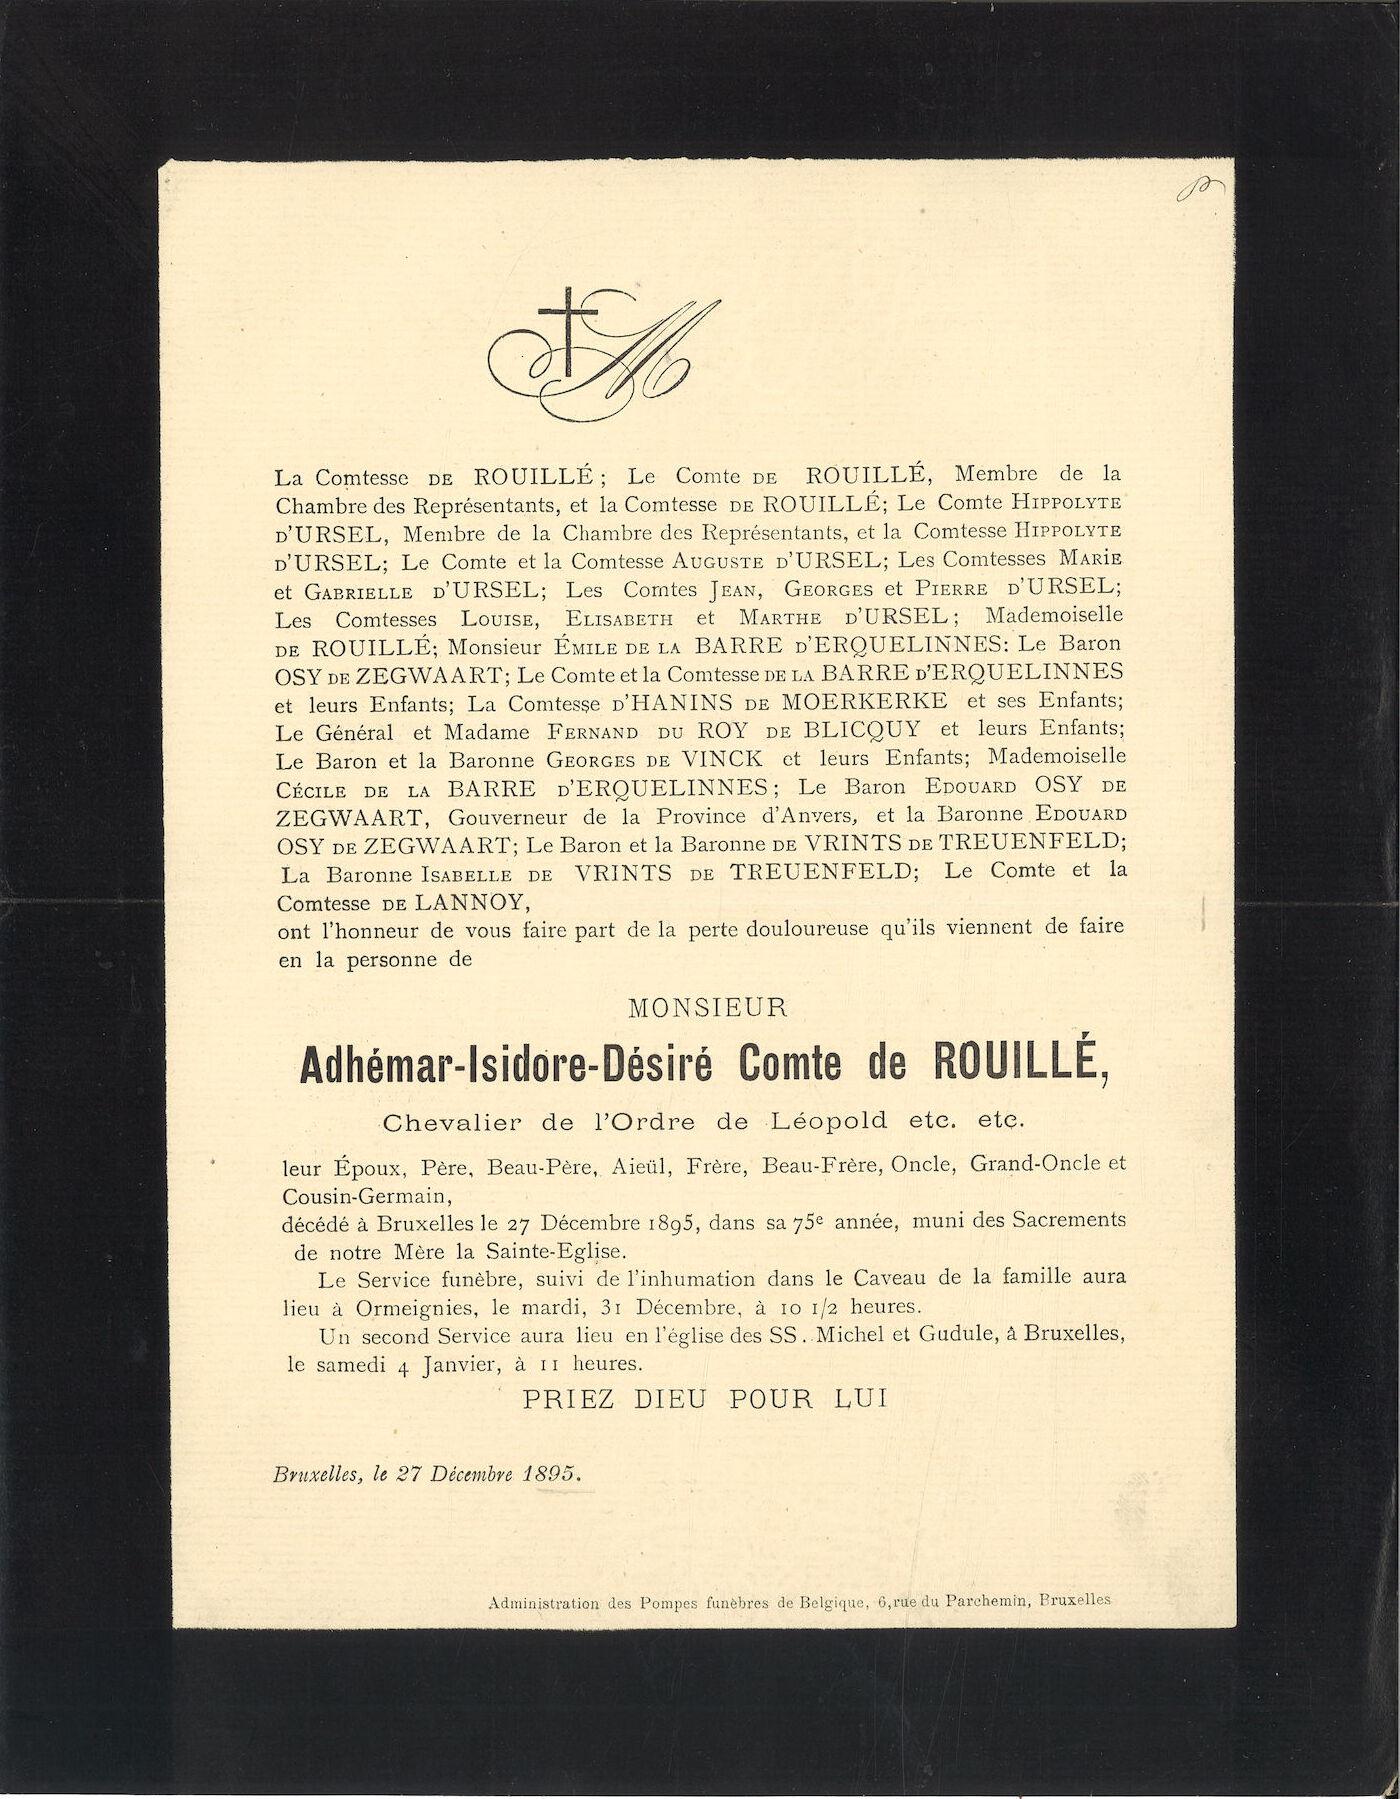 Adhémar-Isidore-Désiré de Rouillé